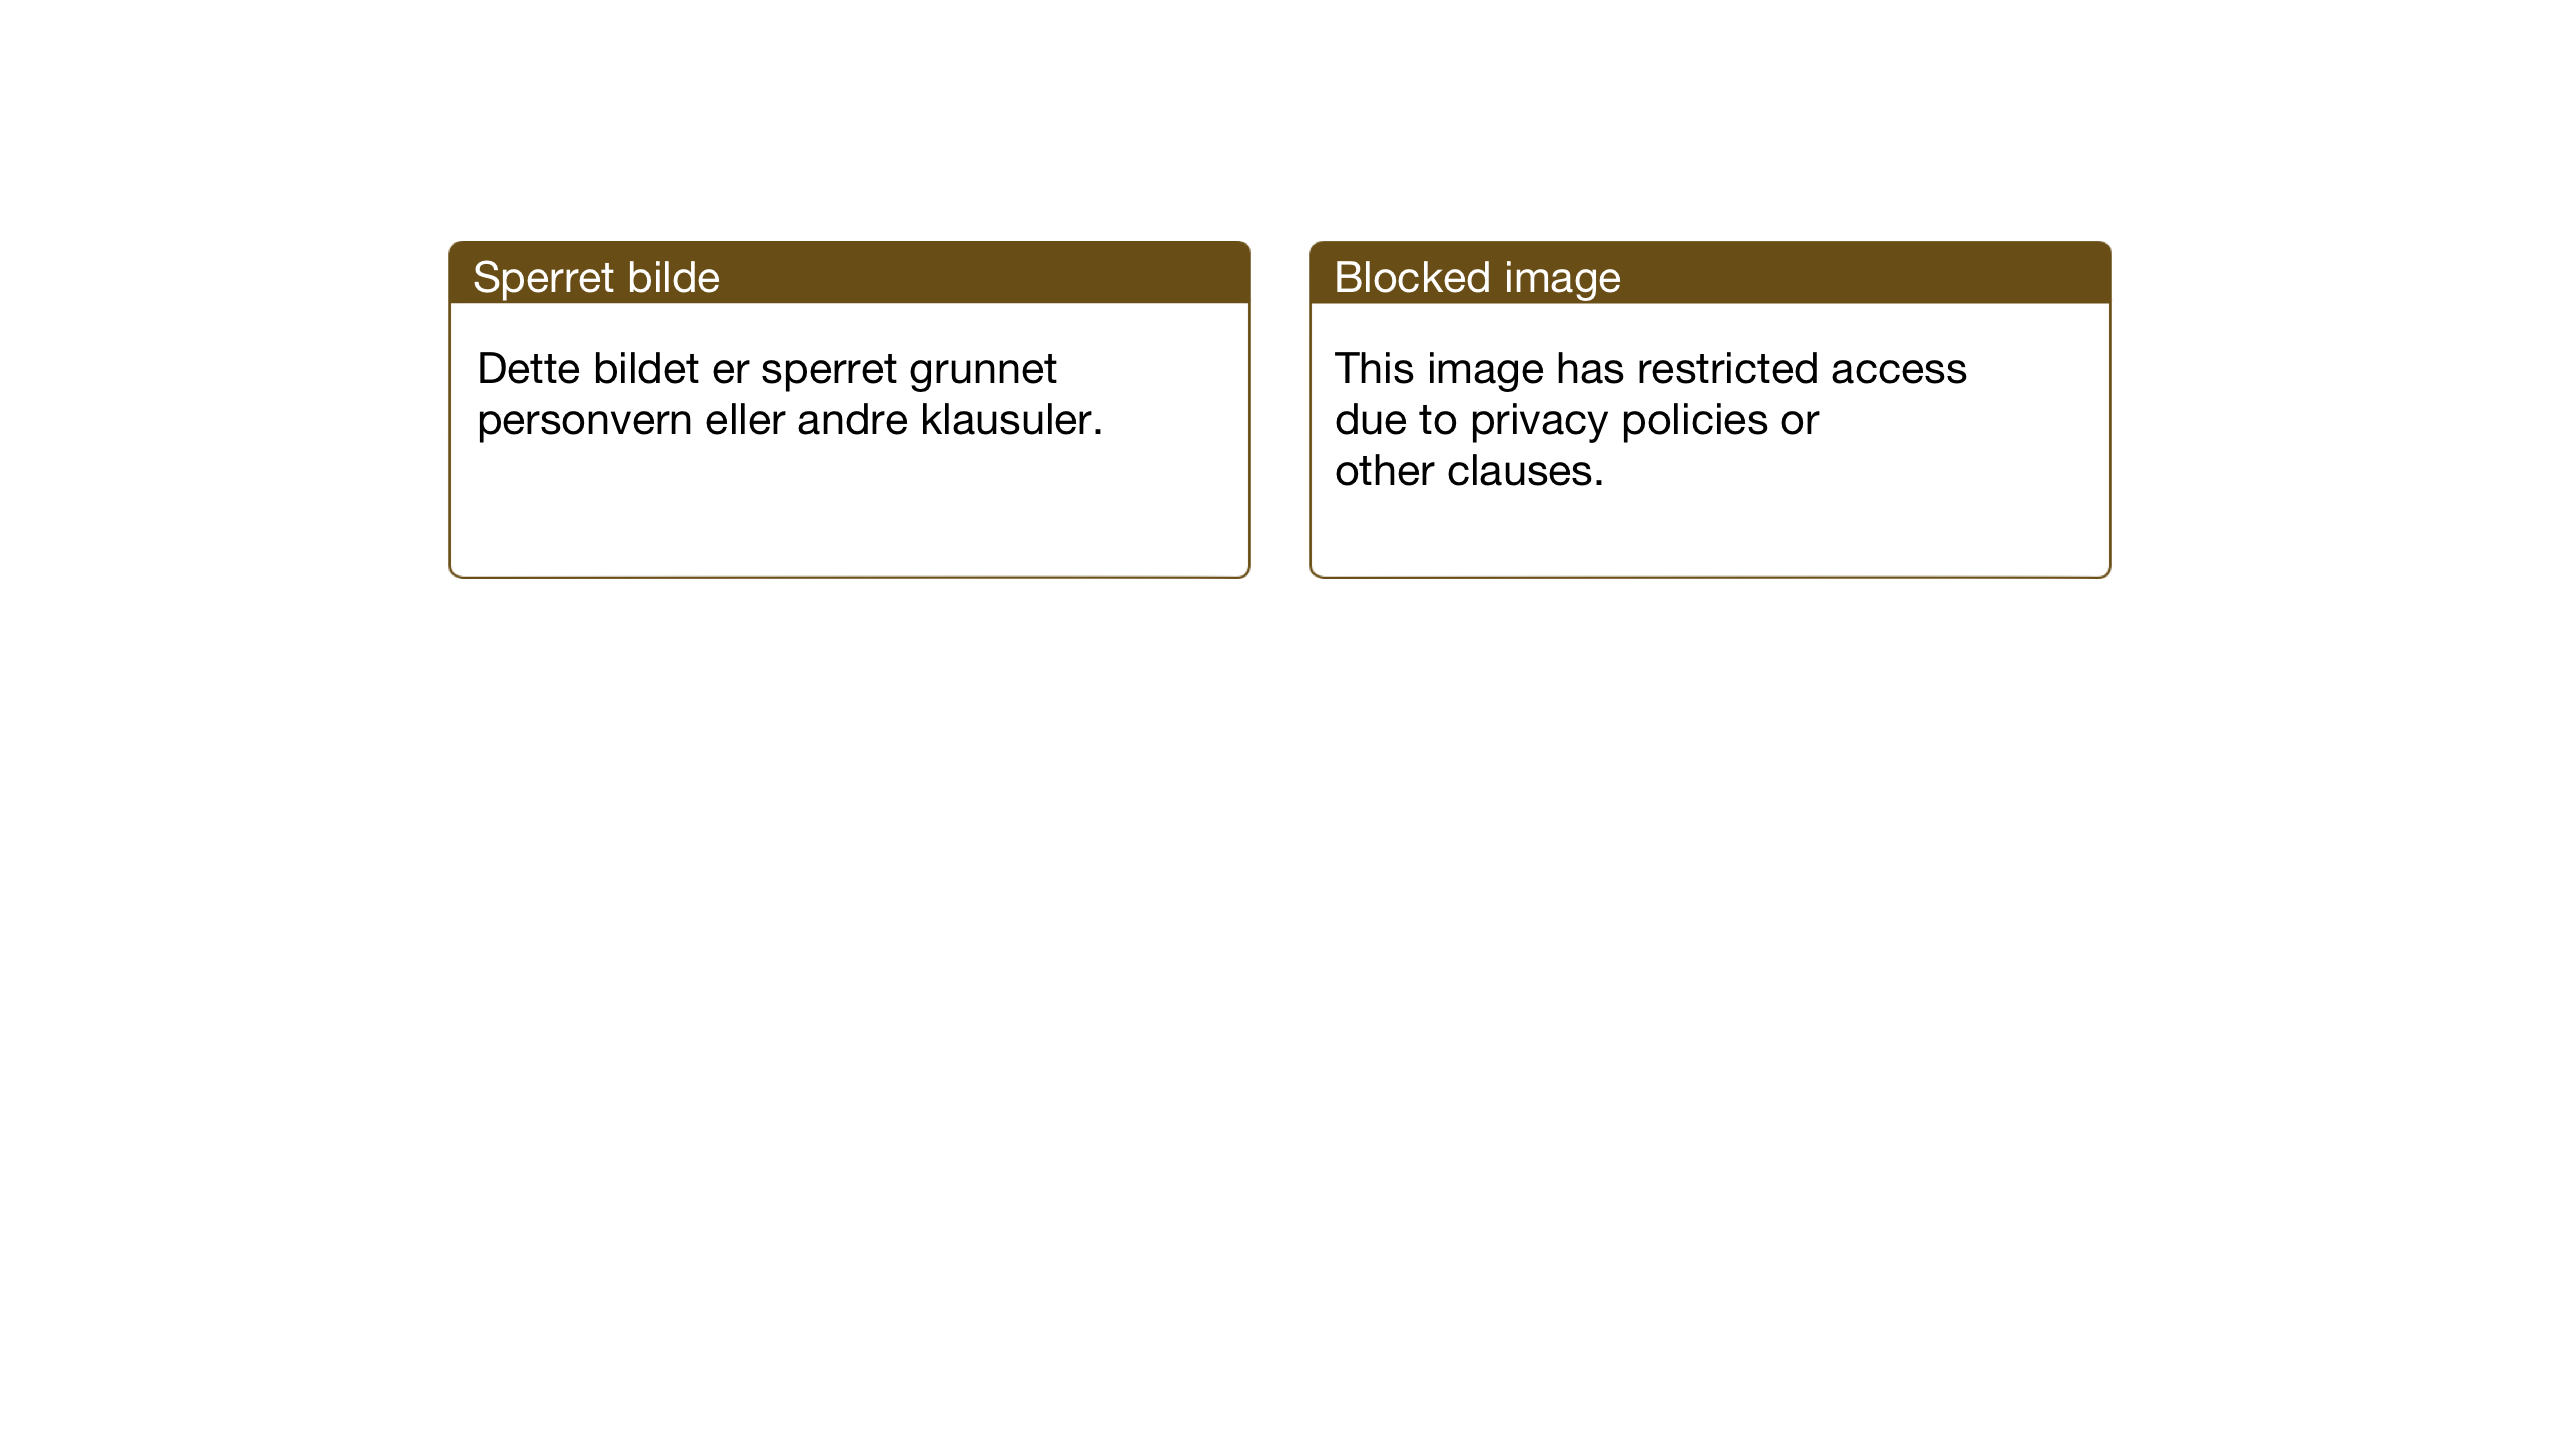 RA, Justisdepartementet, Sivilavdelingen (RA/S-6490), 2000, s. 164